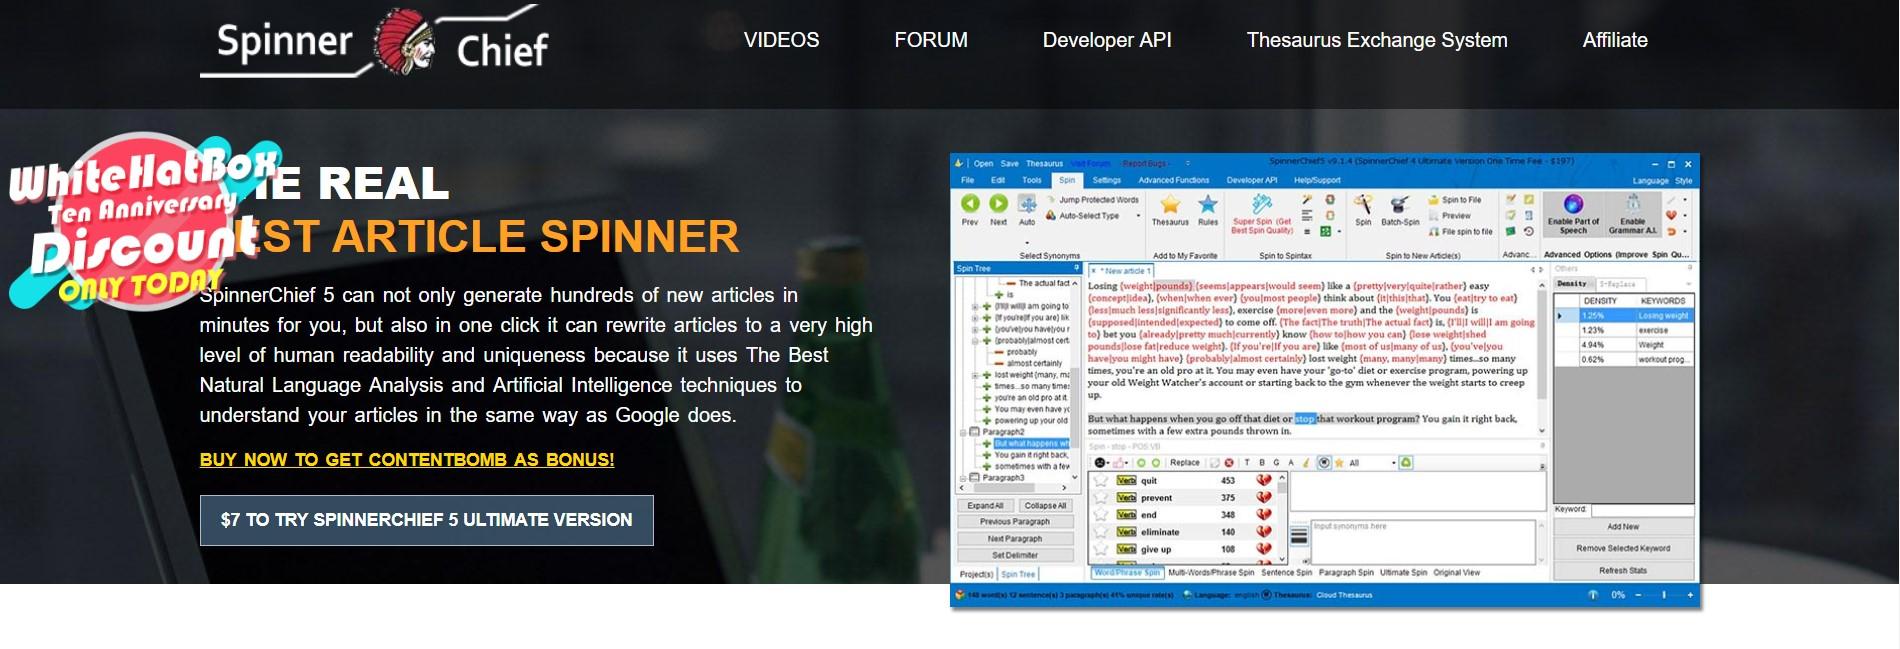 spin rewriter free download crack wordai price | spin